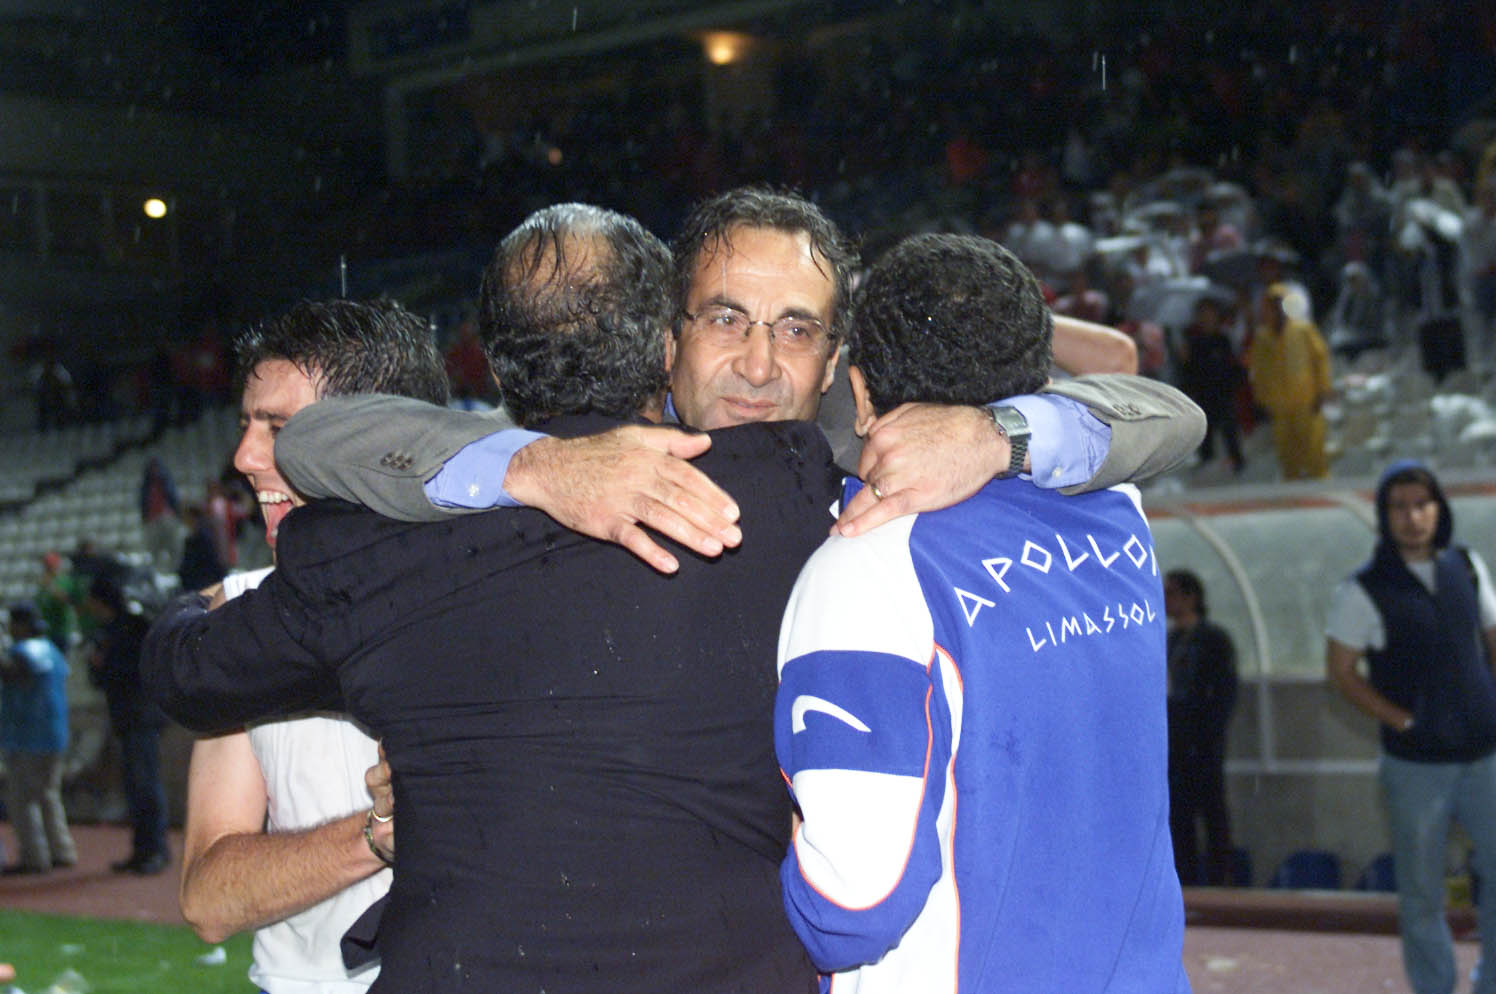 Ο Ανδρέας Μουσκάλλης θυμάται και εξιστορεί… - Super Sport FM | Η κορυφαία παγκύπρια αθλητική συχνότητα της Κύπρου